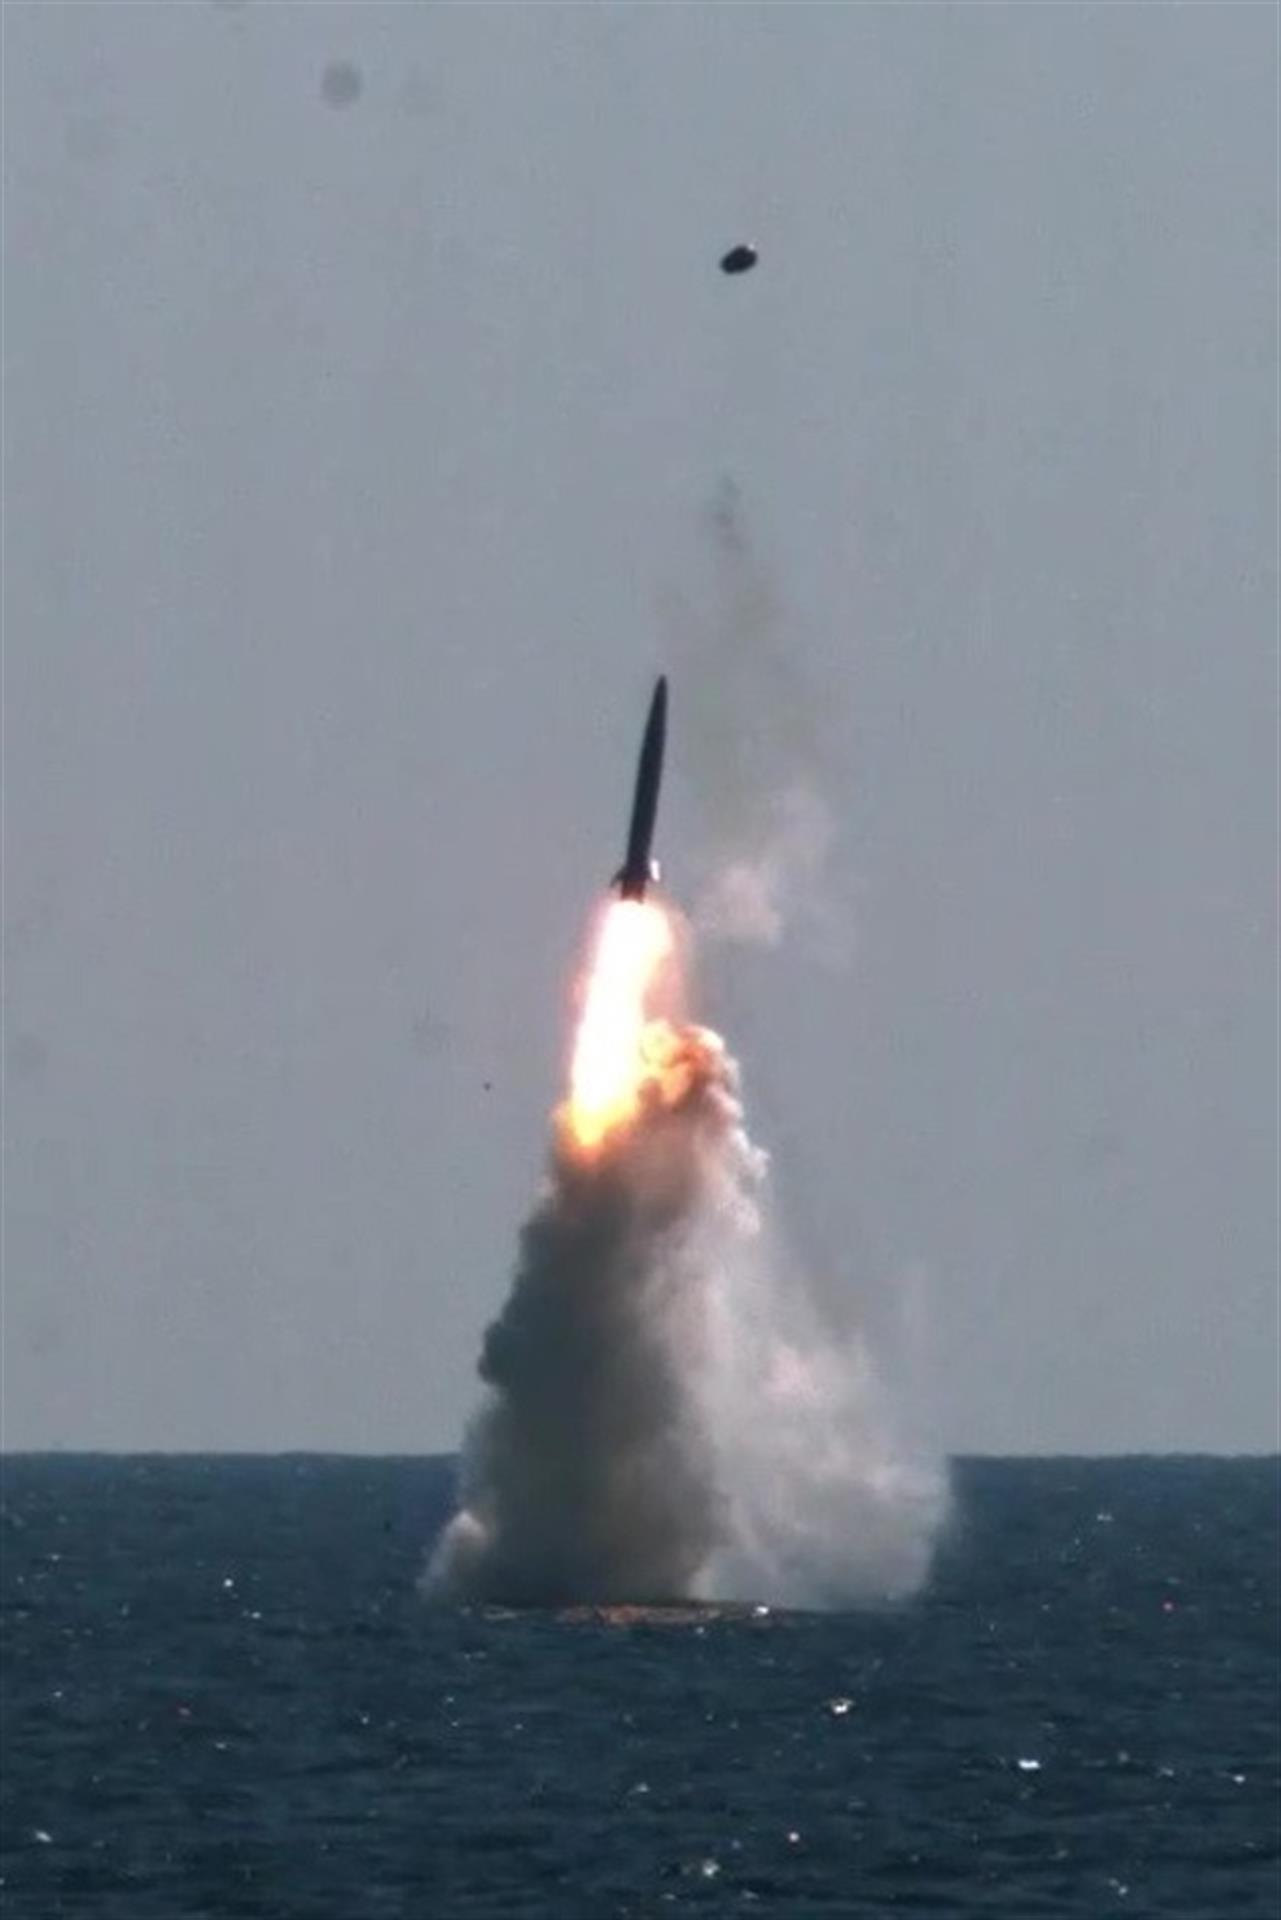 Teste com o míssil balístico lançado por submarino da Coreia do Sul, disparado do submarino Dosan Ahn Chang-ho, da Marinha sul-coreana, 15 de setembro